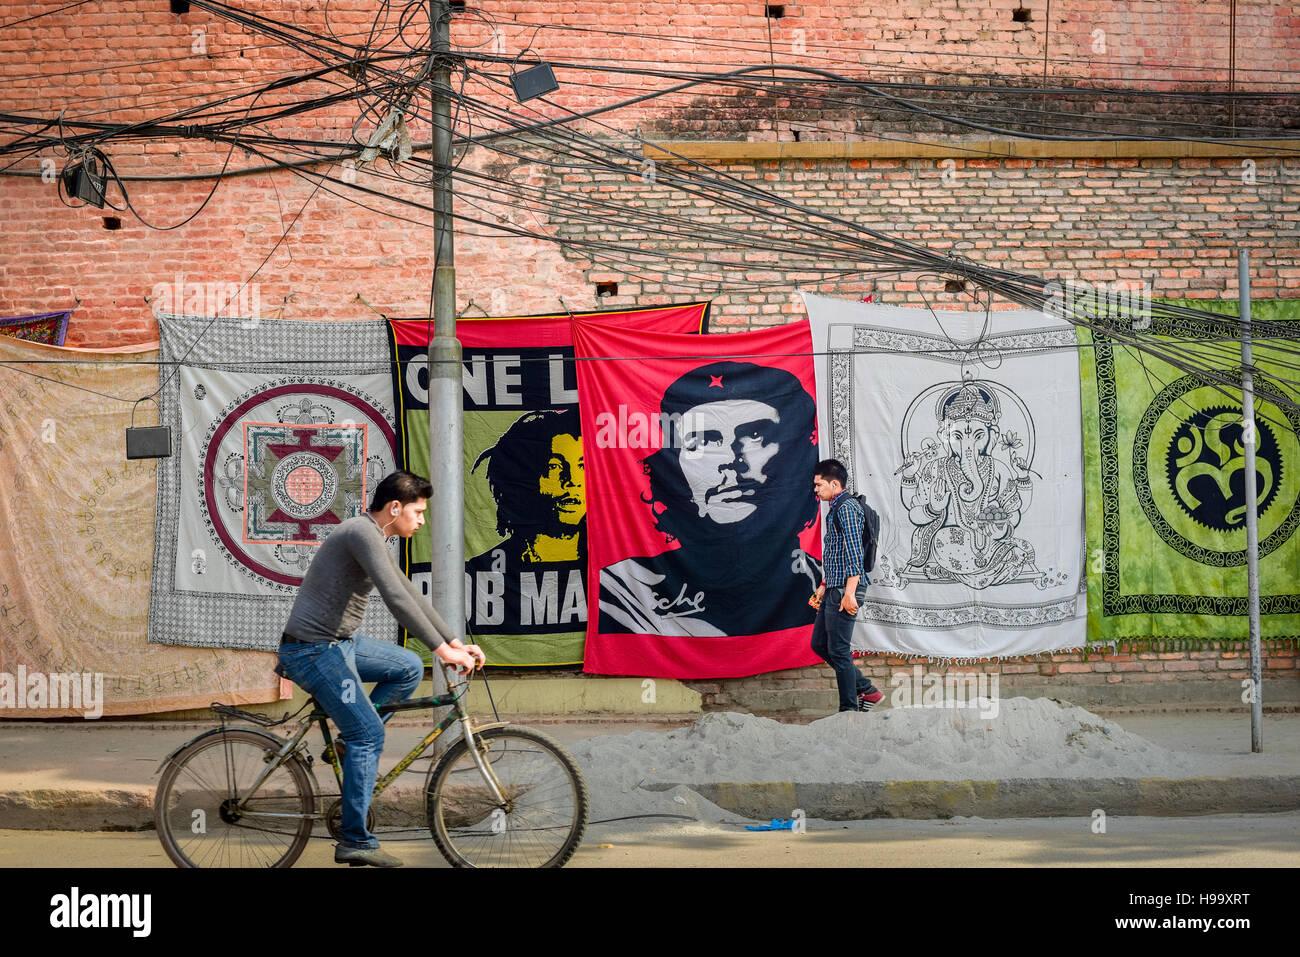 Banner Fahnen Che Guevara und Bob Marley auf den Verkauf in einer der Straßen von Kathmandu, Nepal. © Stockbild